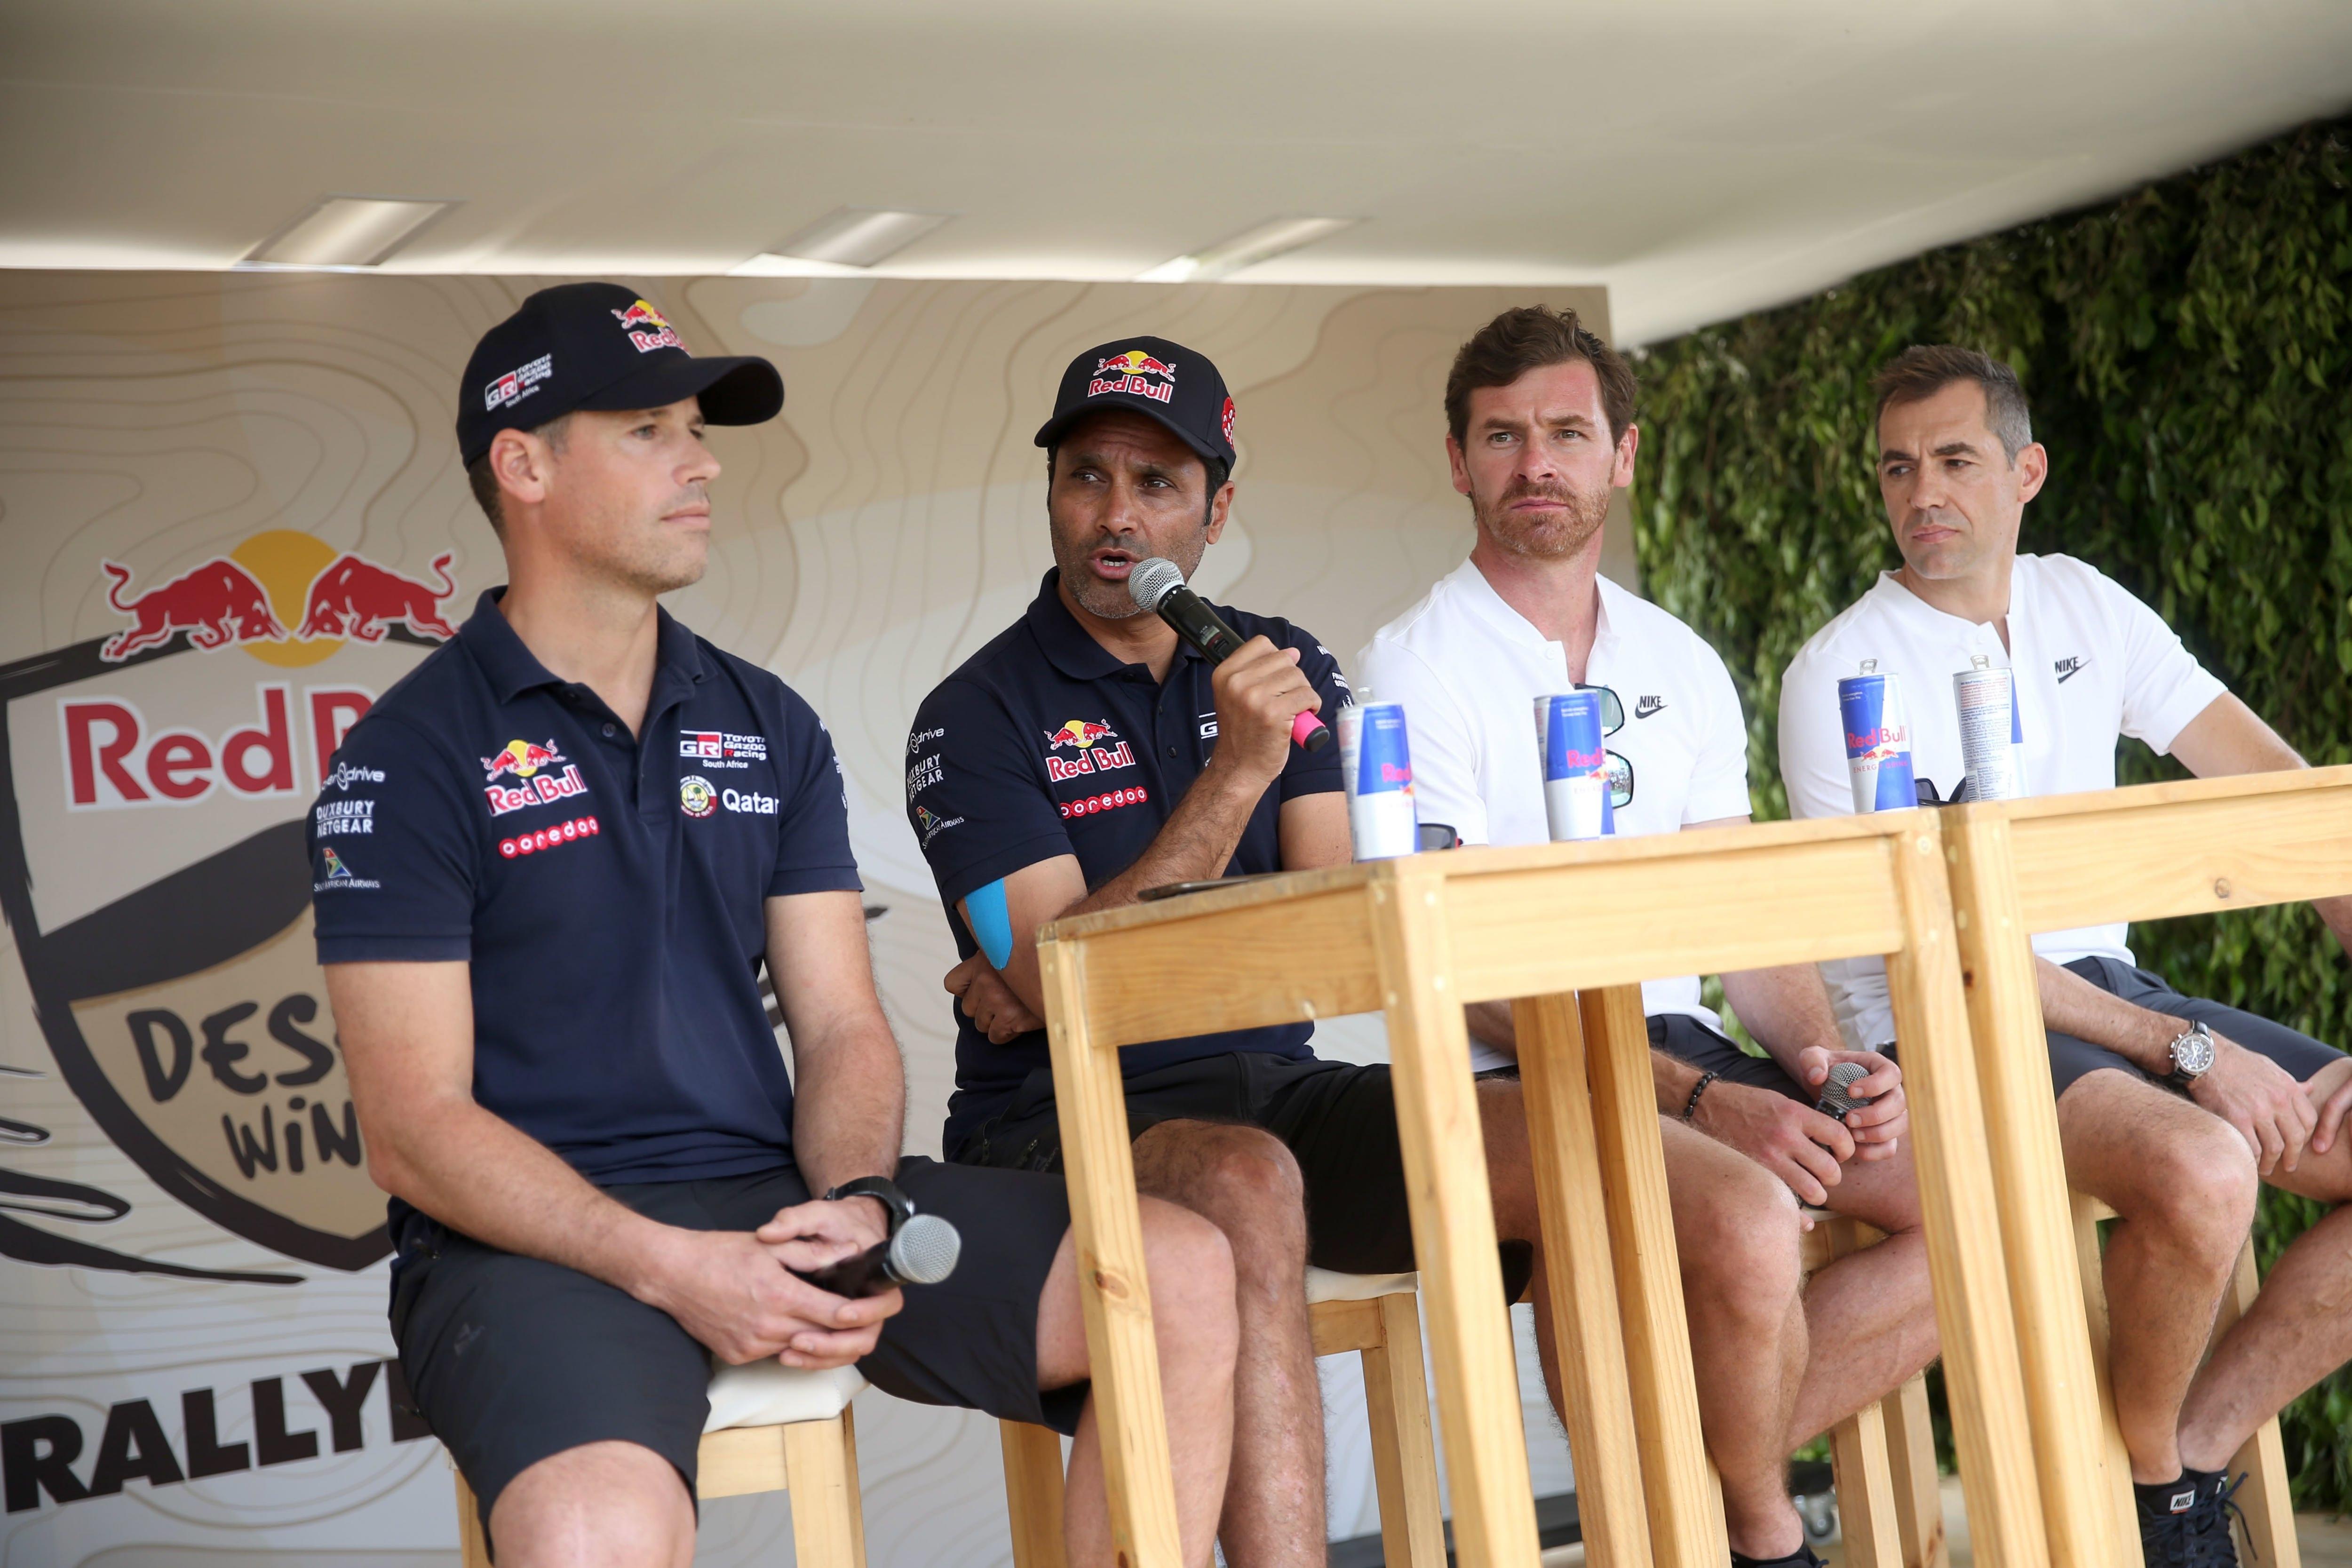 André Villas-Boas sofreu um acidente no Dakar2018 e abandona a prova